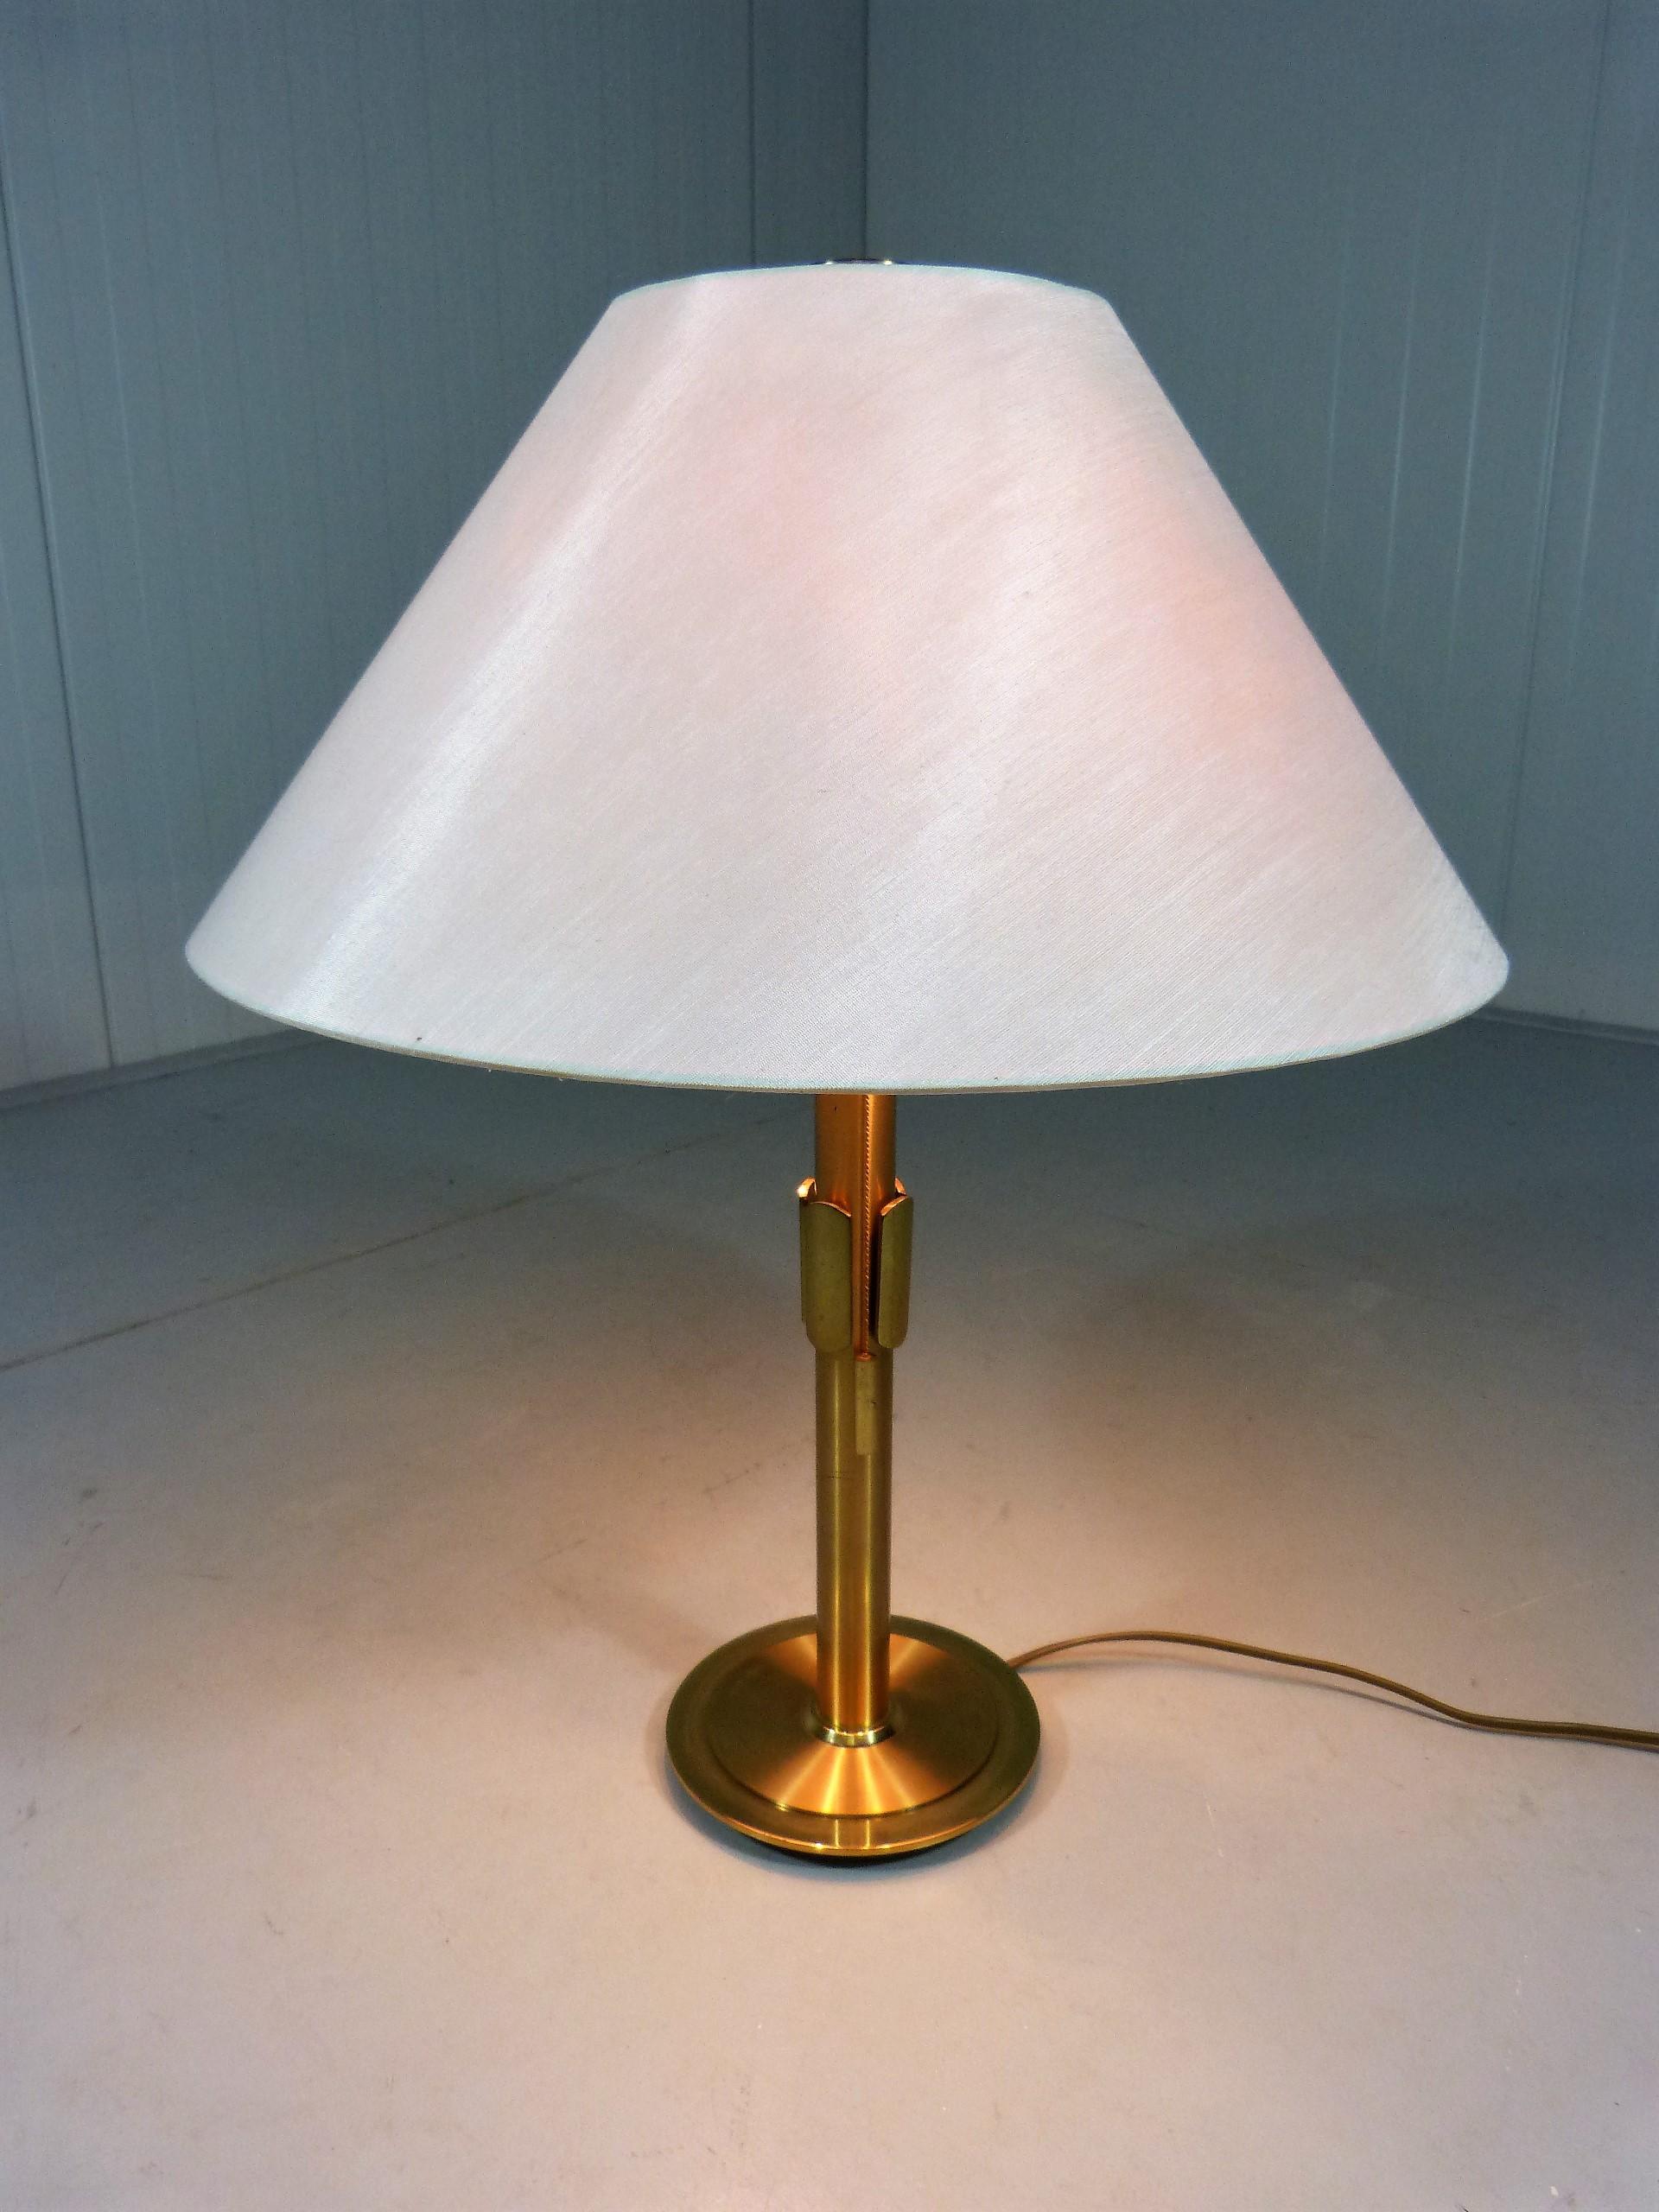 Brass vintage table Lamp - 1970s - Design Market